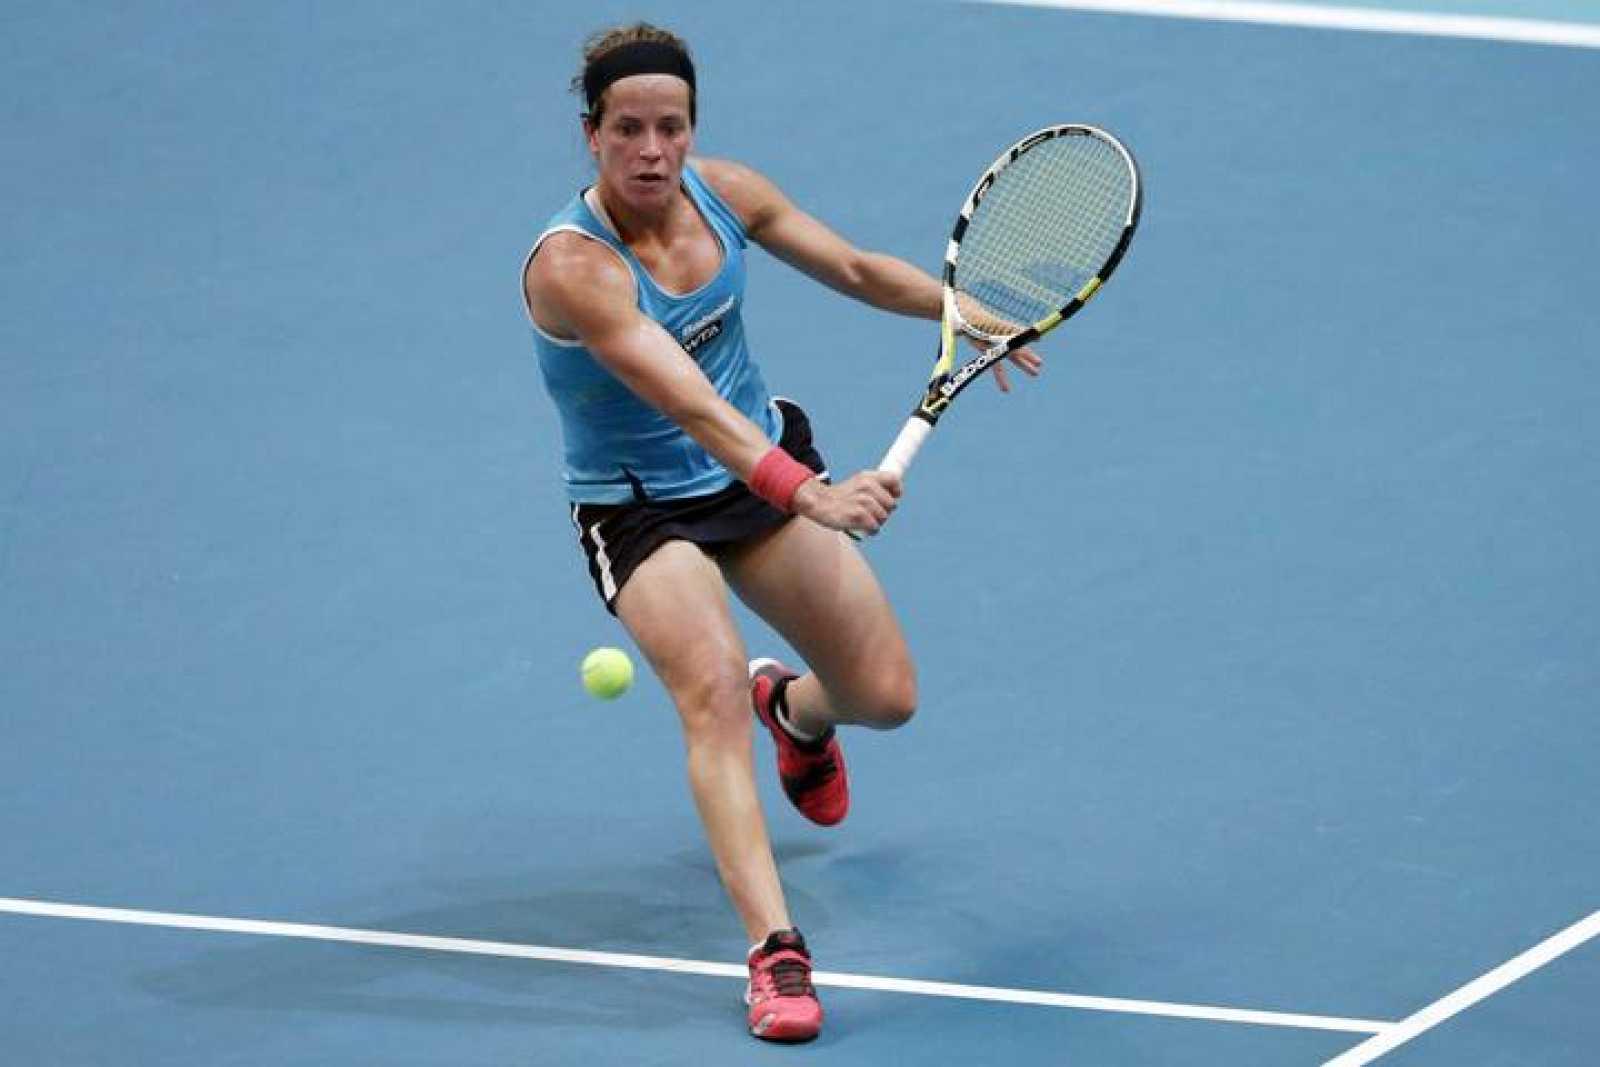 La española Lourdes Domínguez, en el partido del Abierto de París contra Lucie Safarova